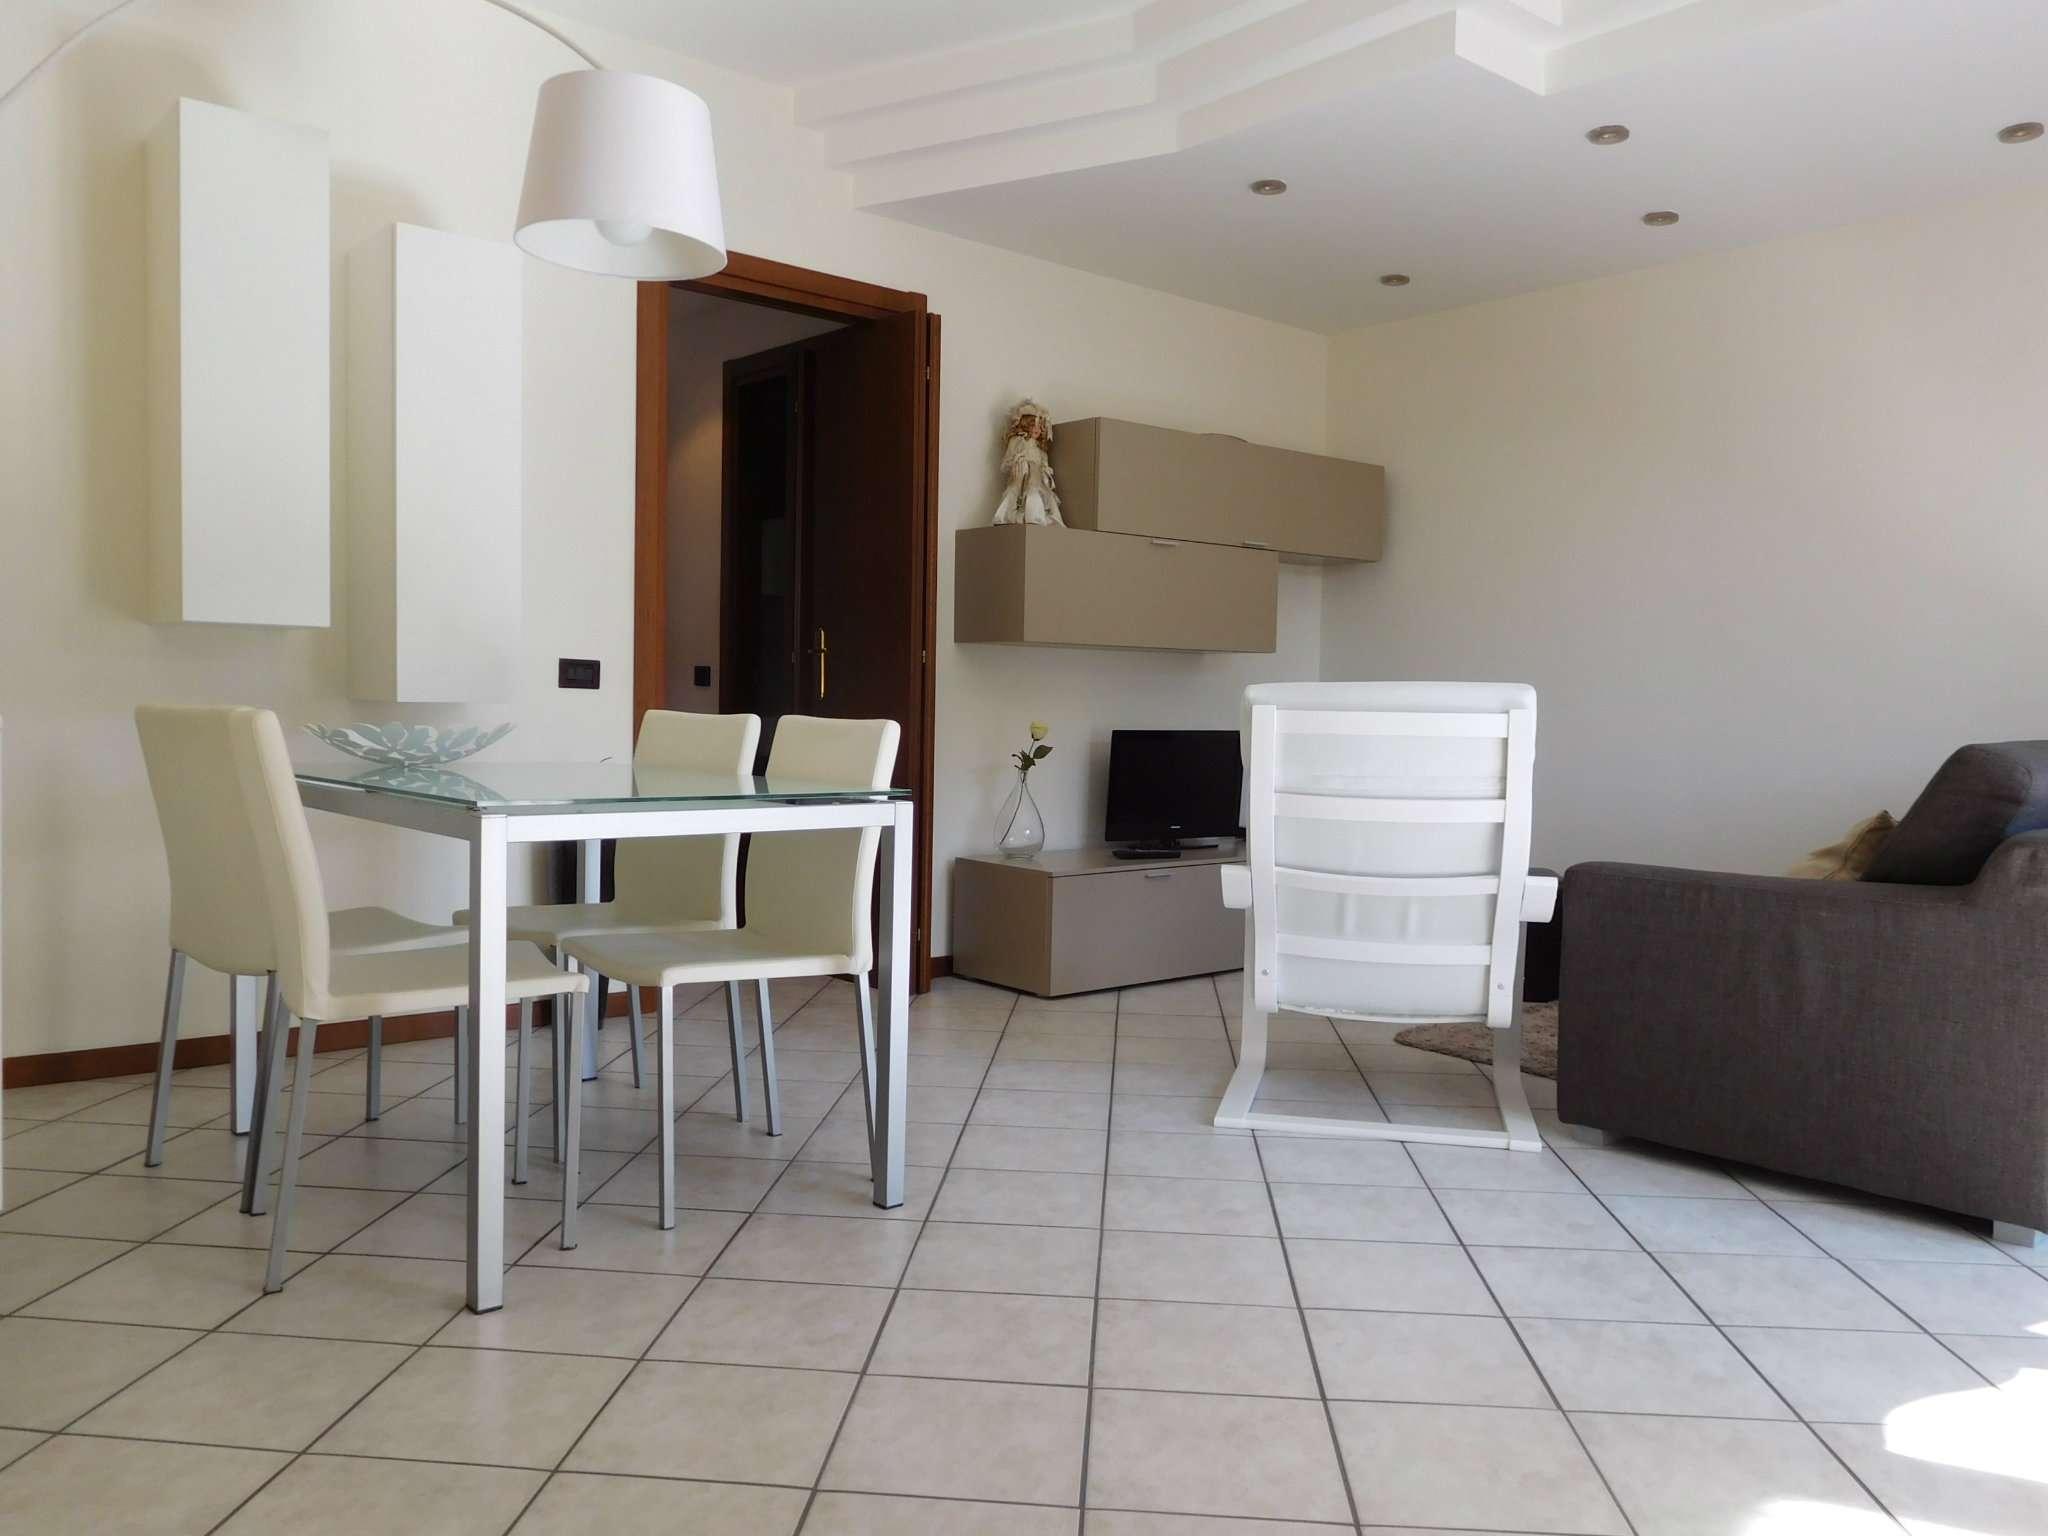 Appartamento in vendita a Albano Sant'Alessandro, 4 locali, prezzo € 165.000 | Cambio Casa.it